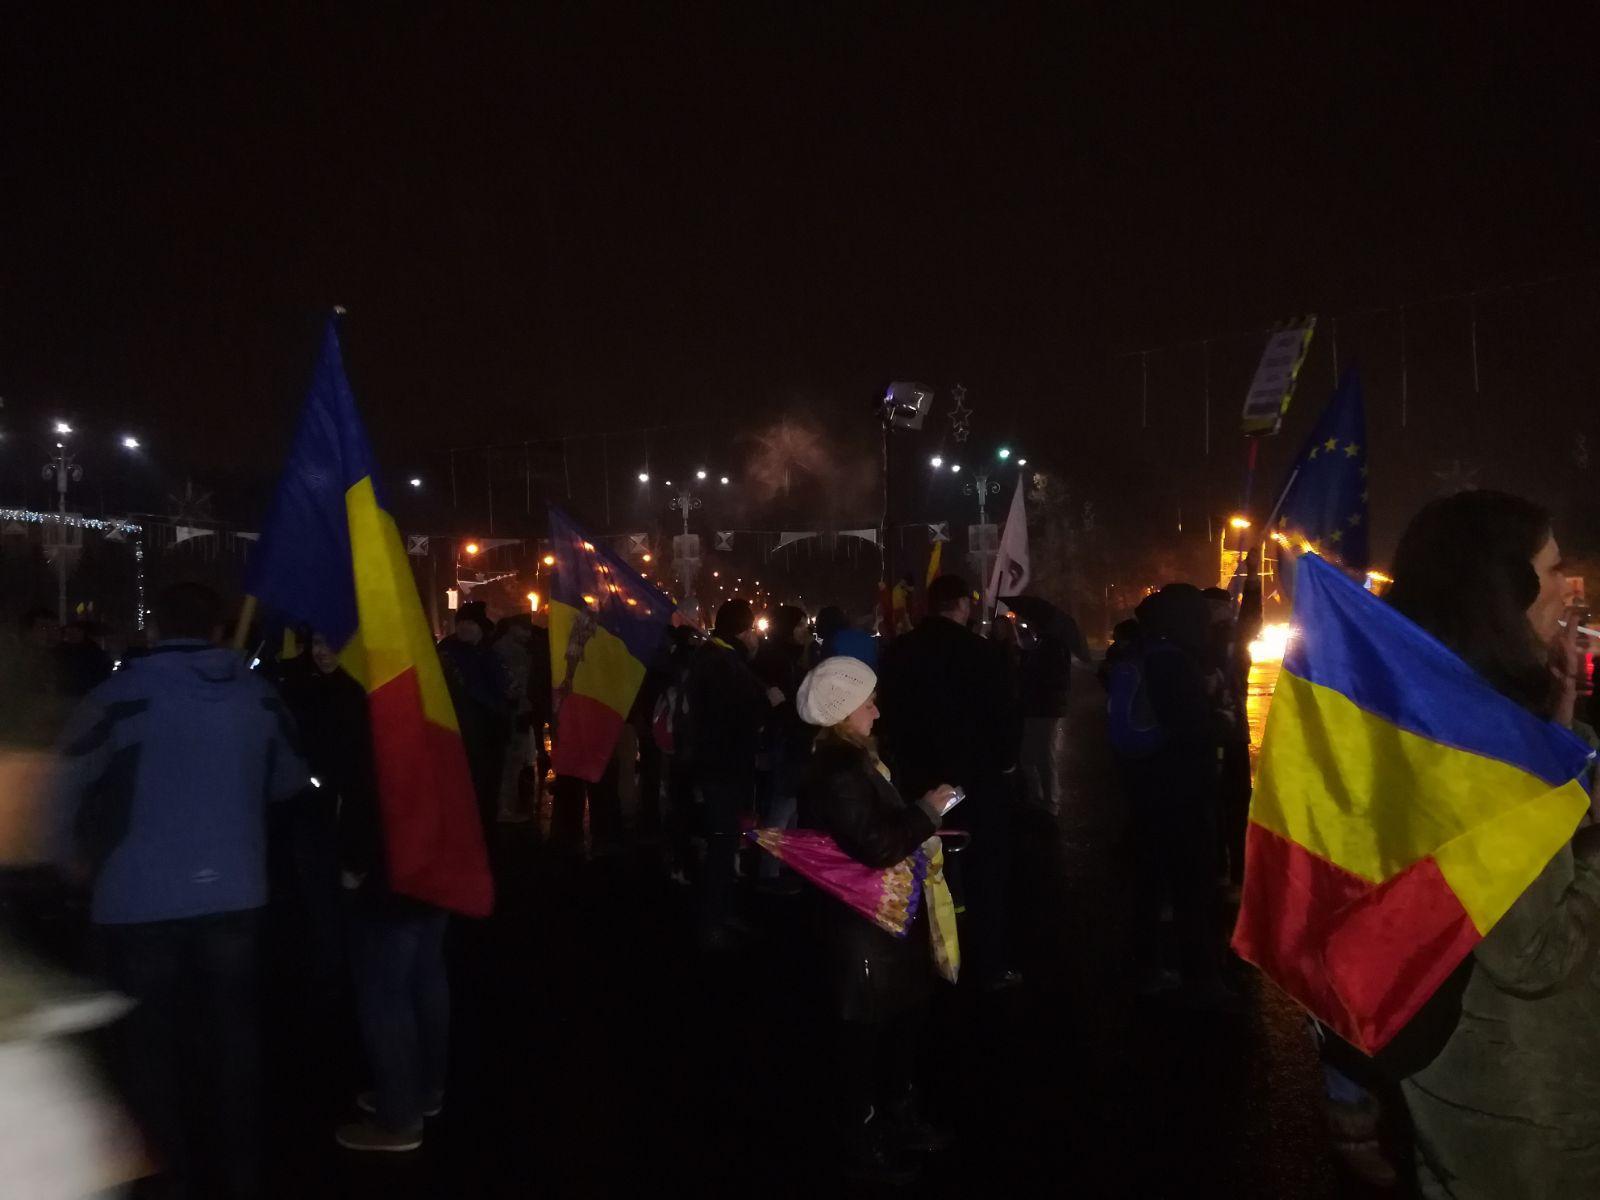 PROTEST în Capitală: Mitingul din Piaţa Victoriei s-a încheiat. Oamenii au protestat peste trei ore în faţa Guvernului | FOTO, VIDEO